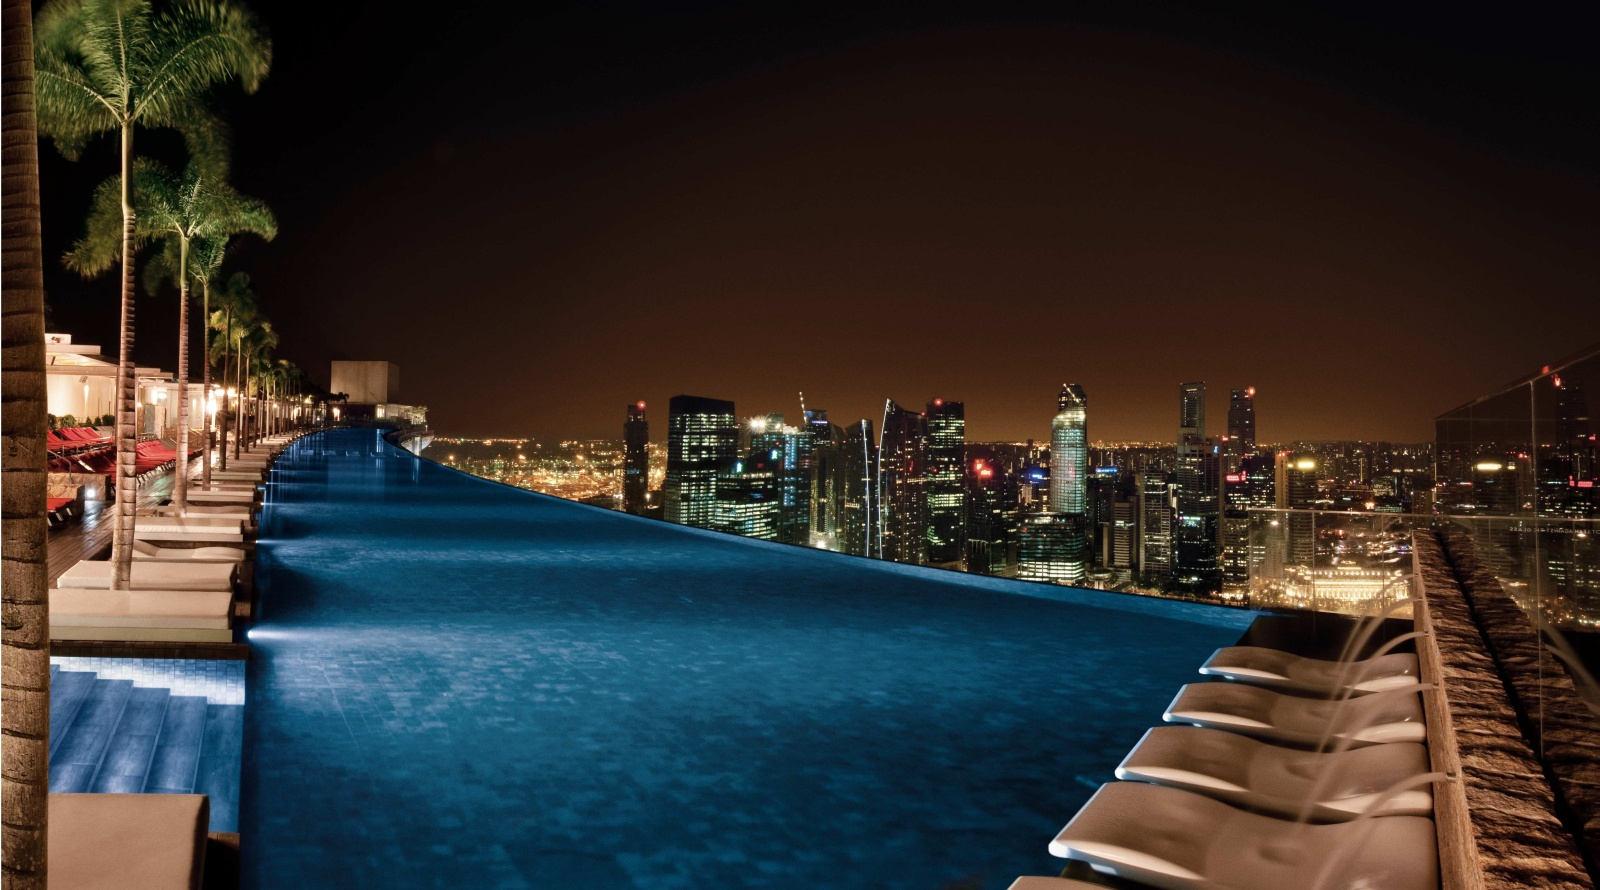 Обои рукотворное, Marina bay sands, ночь. Города foto 14